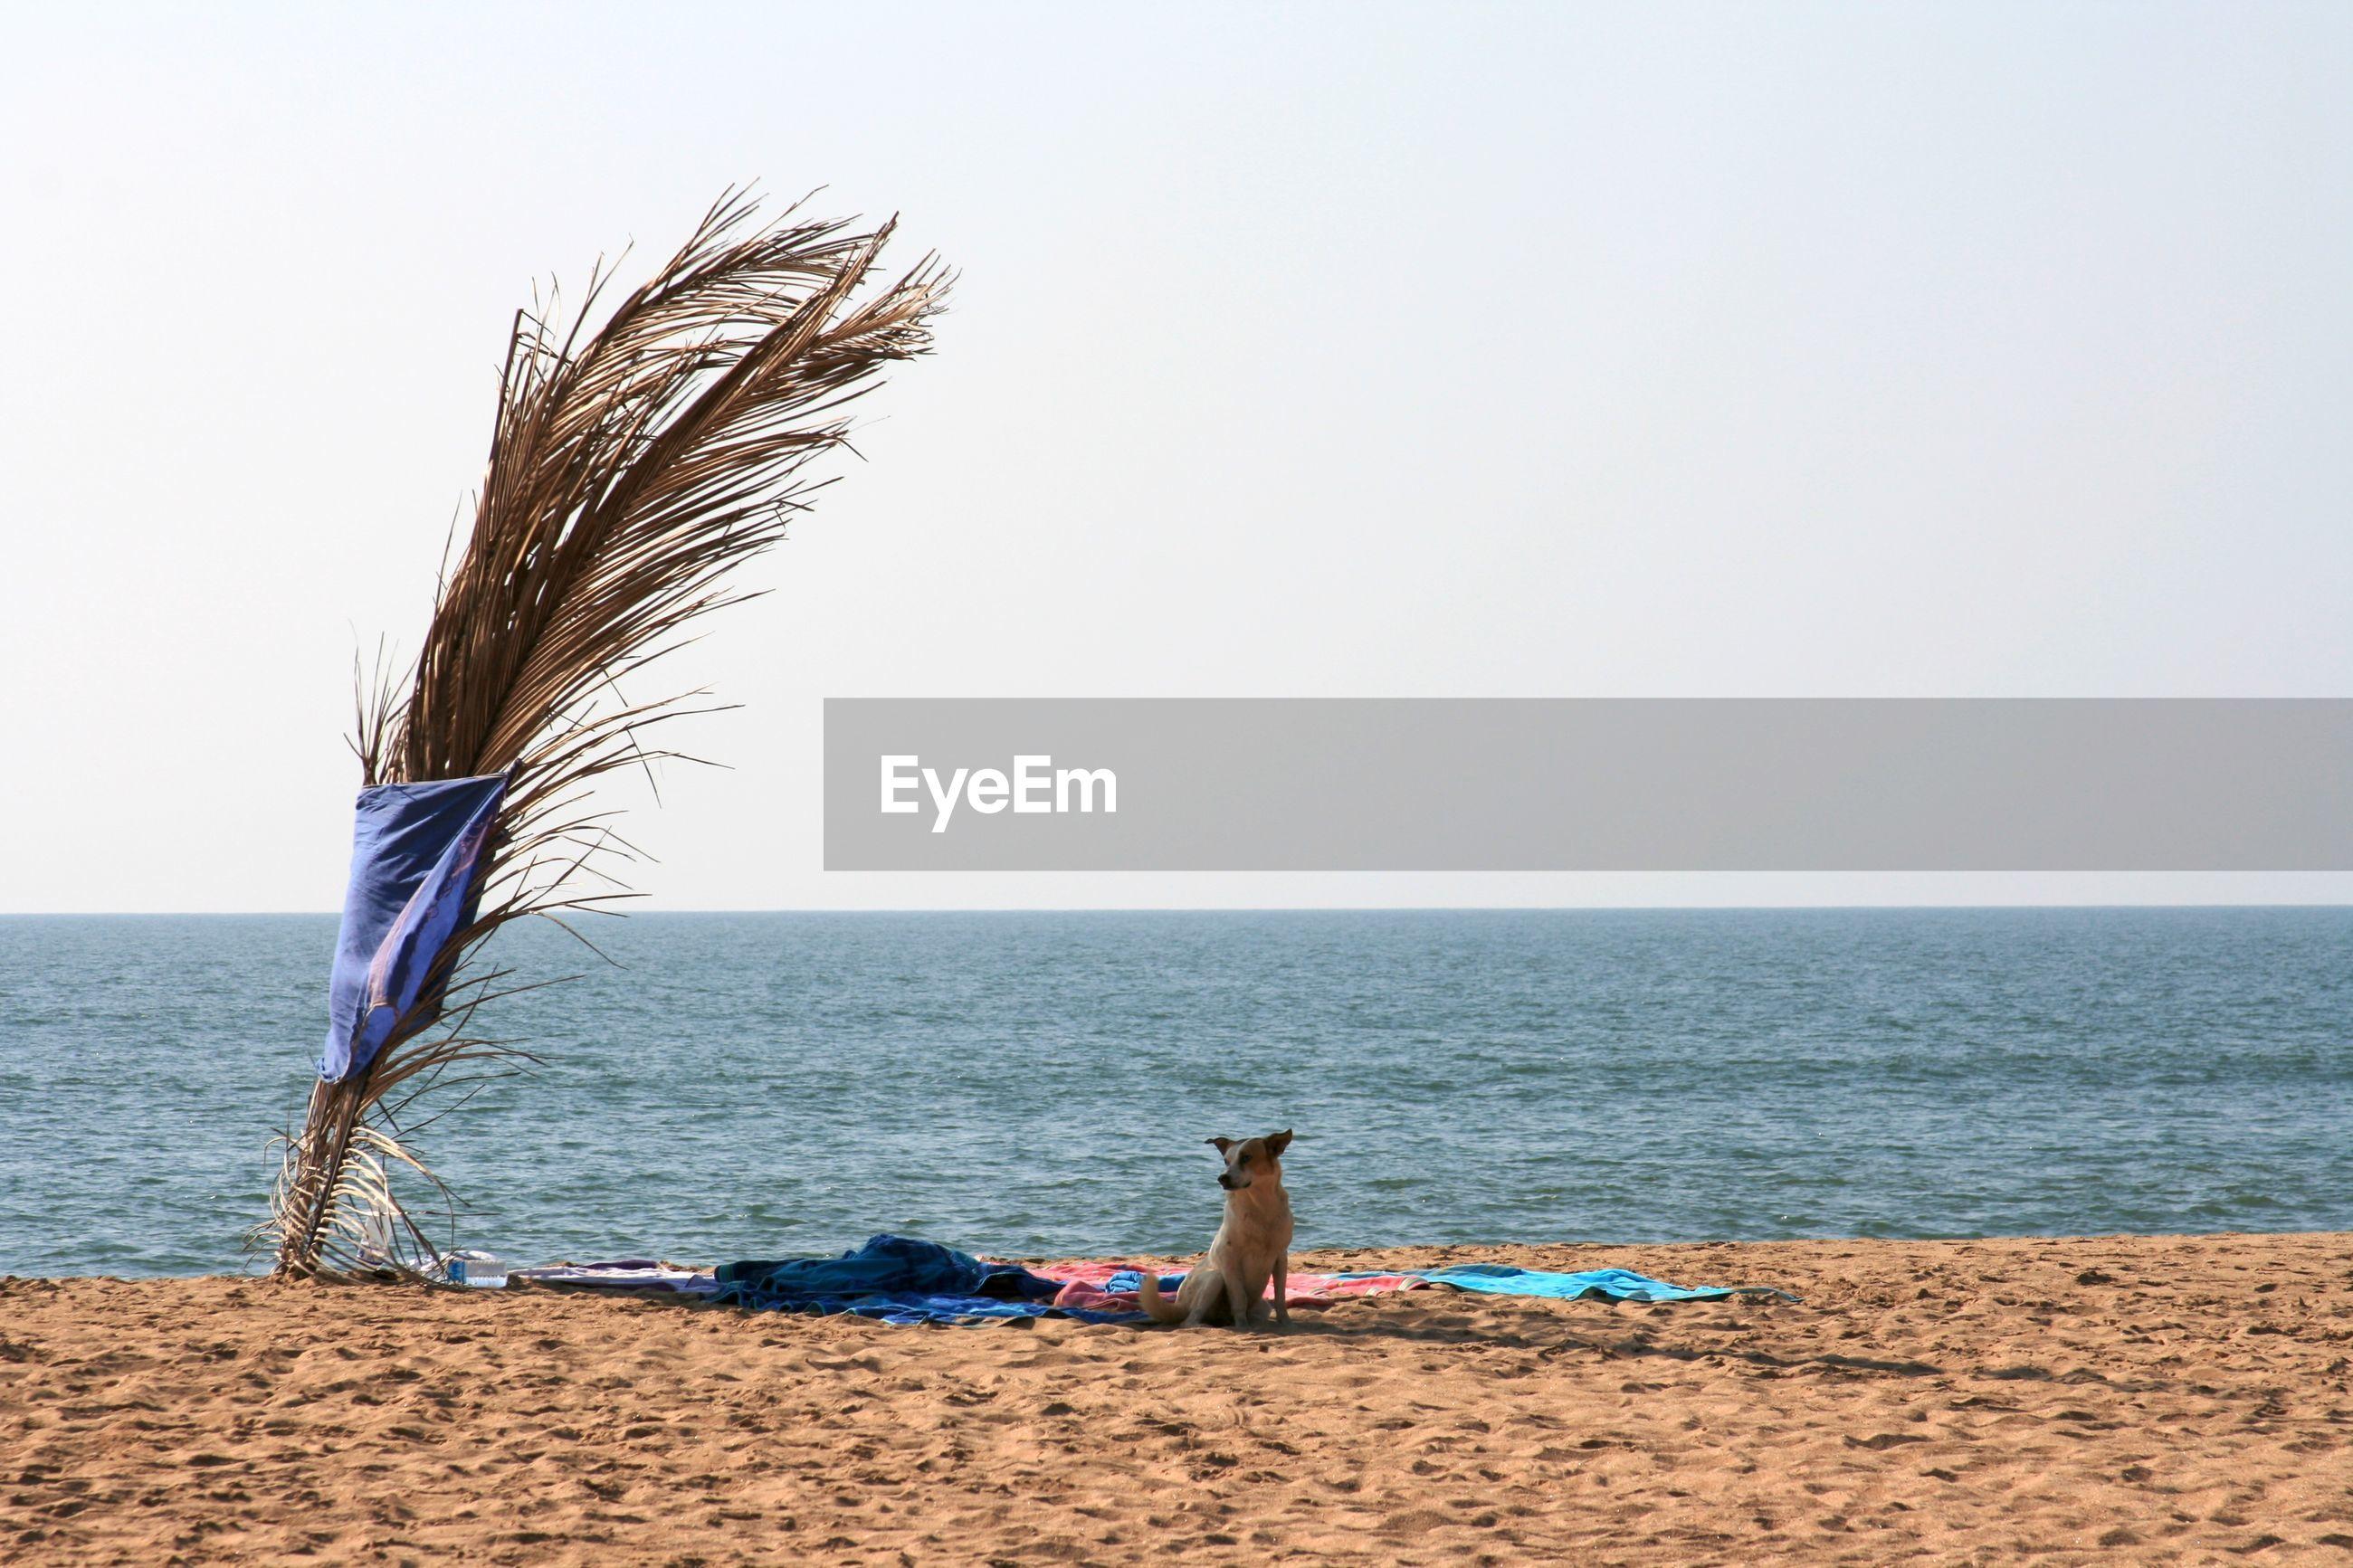 Dog on beach against clear sky